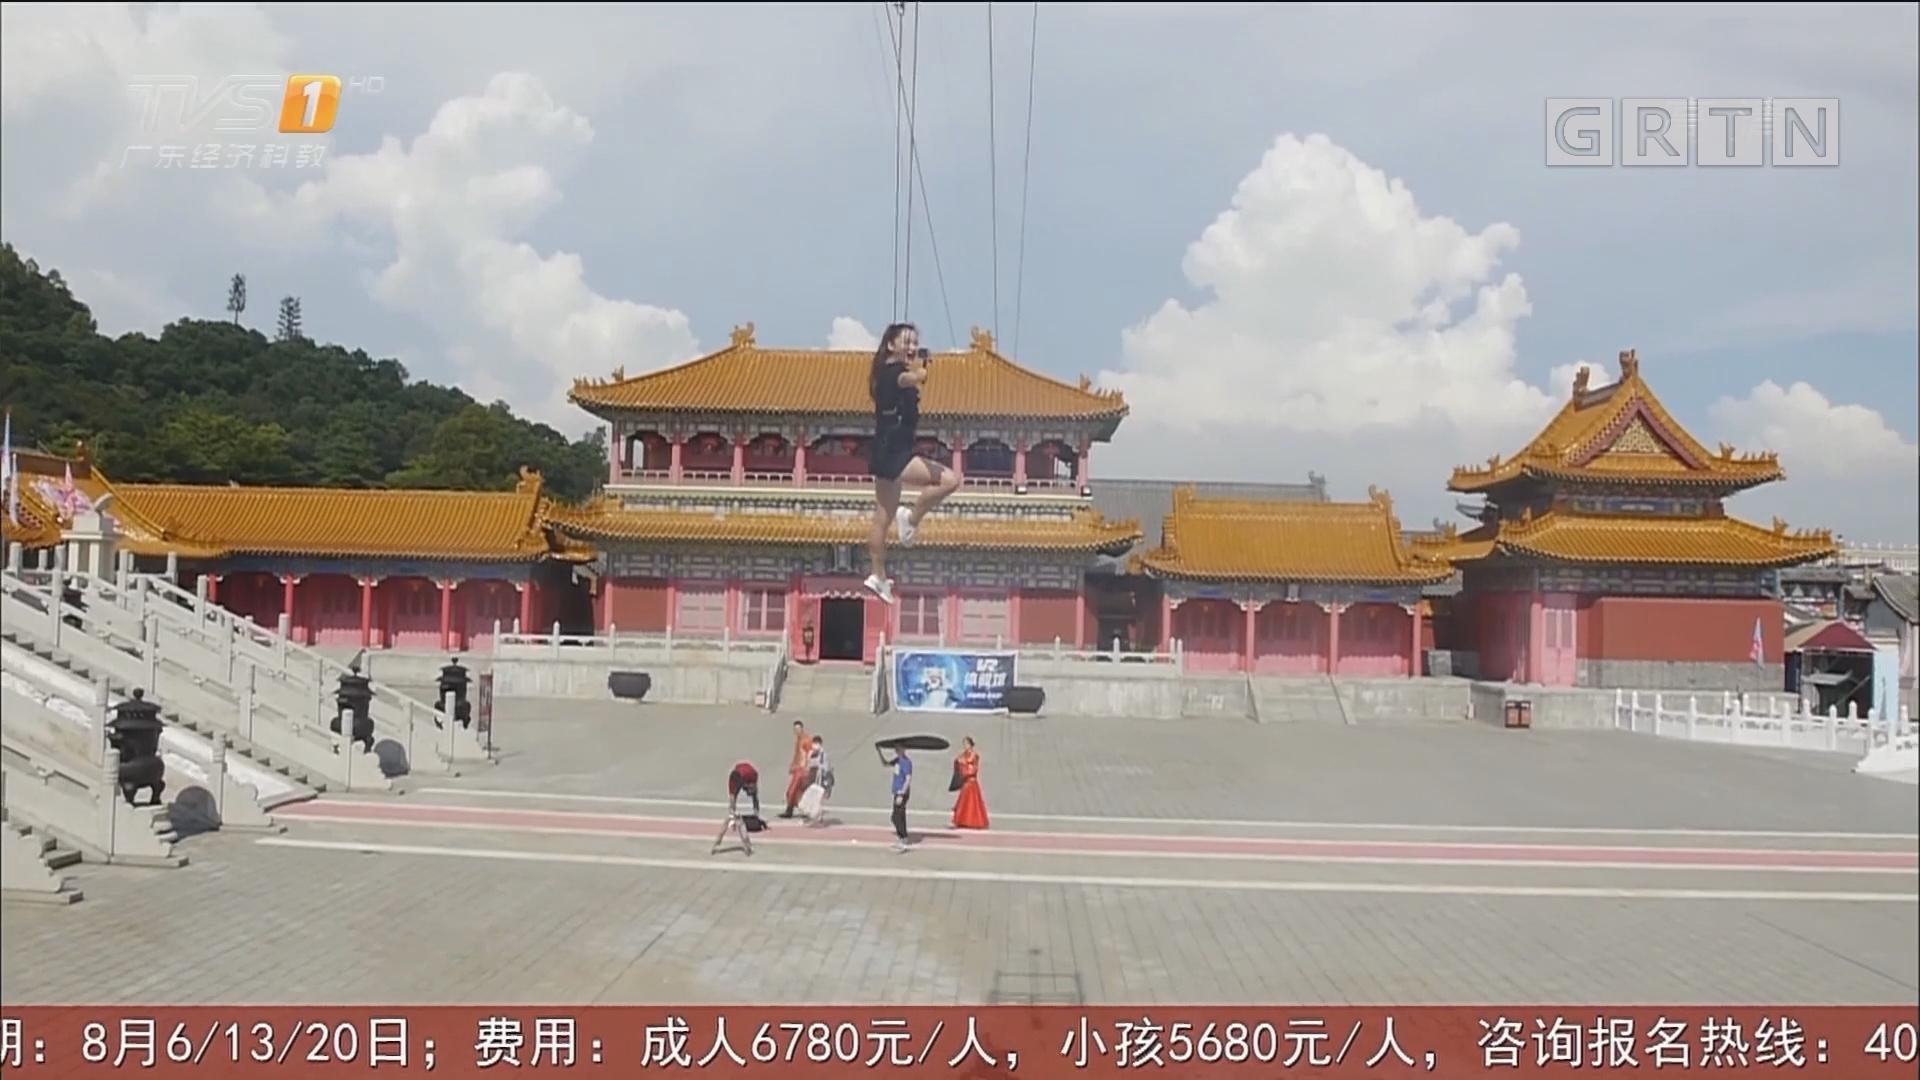 西樵山国艺影视城——吊威亚